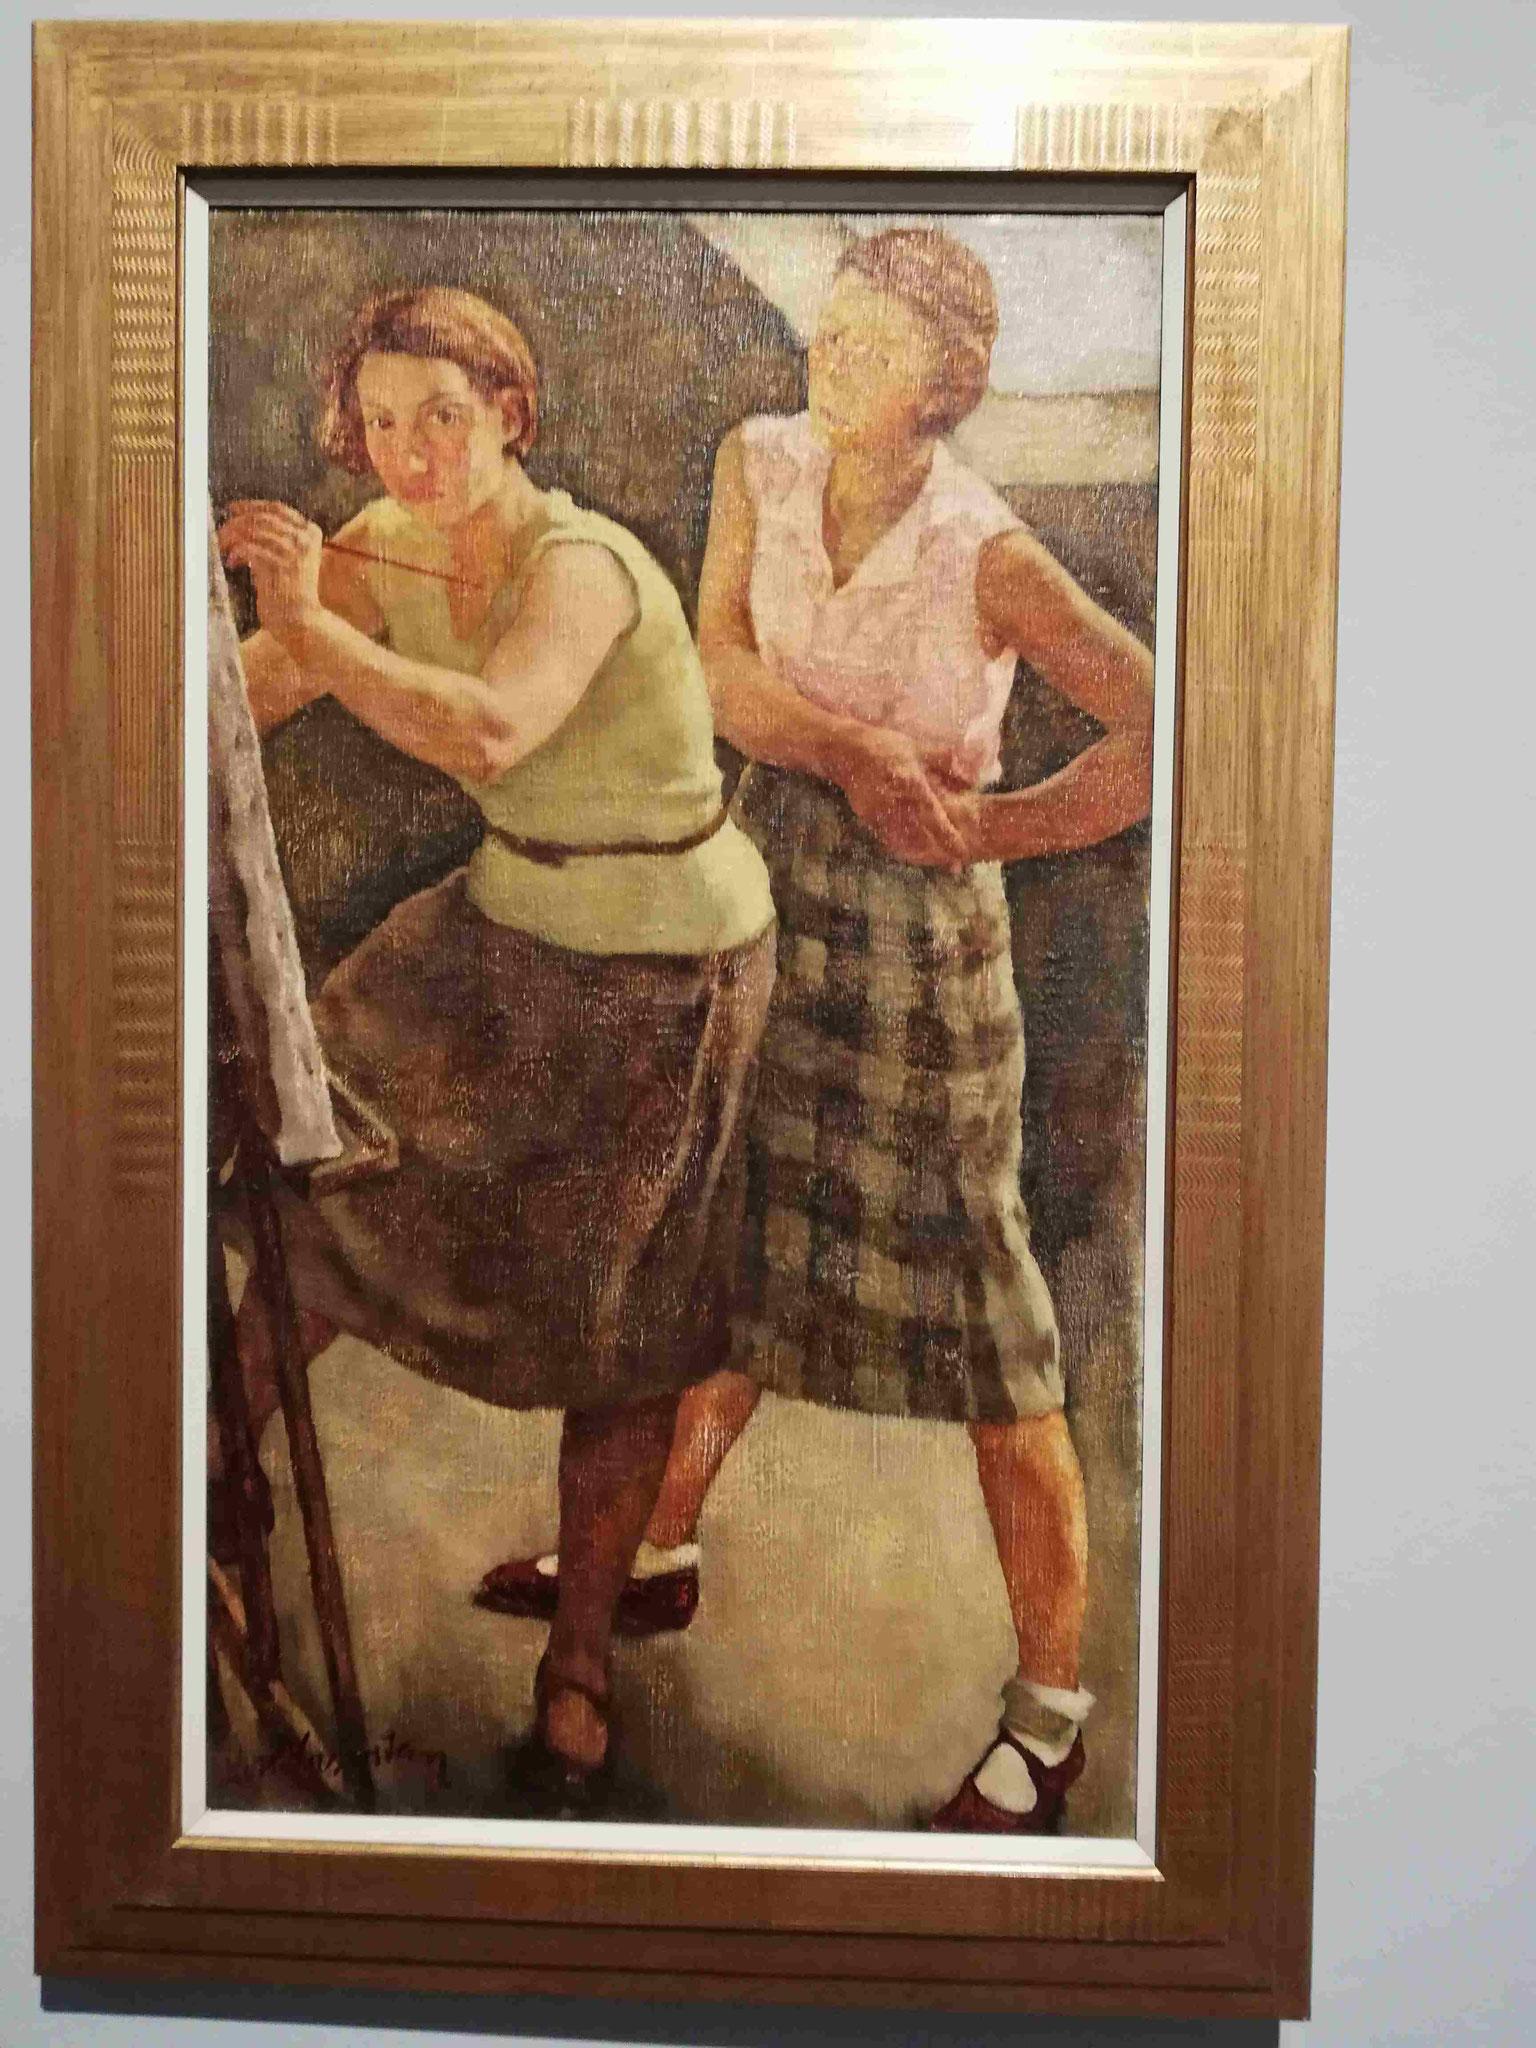 Lotte Laserstein, Zwei Mädchen, 1927